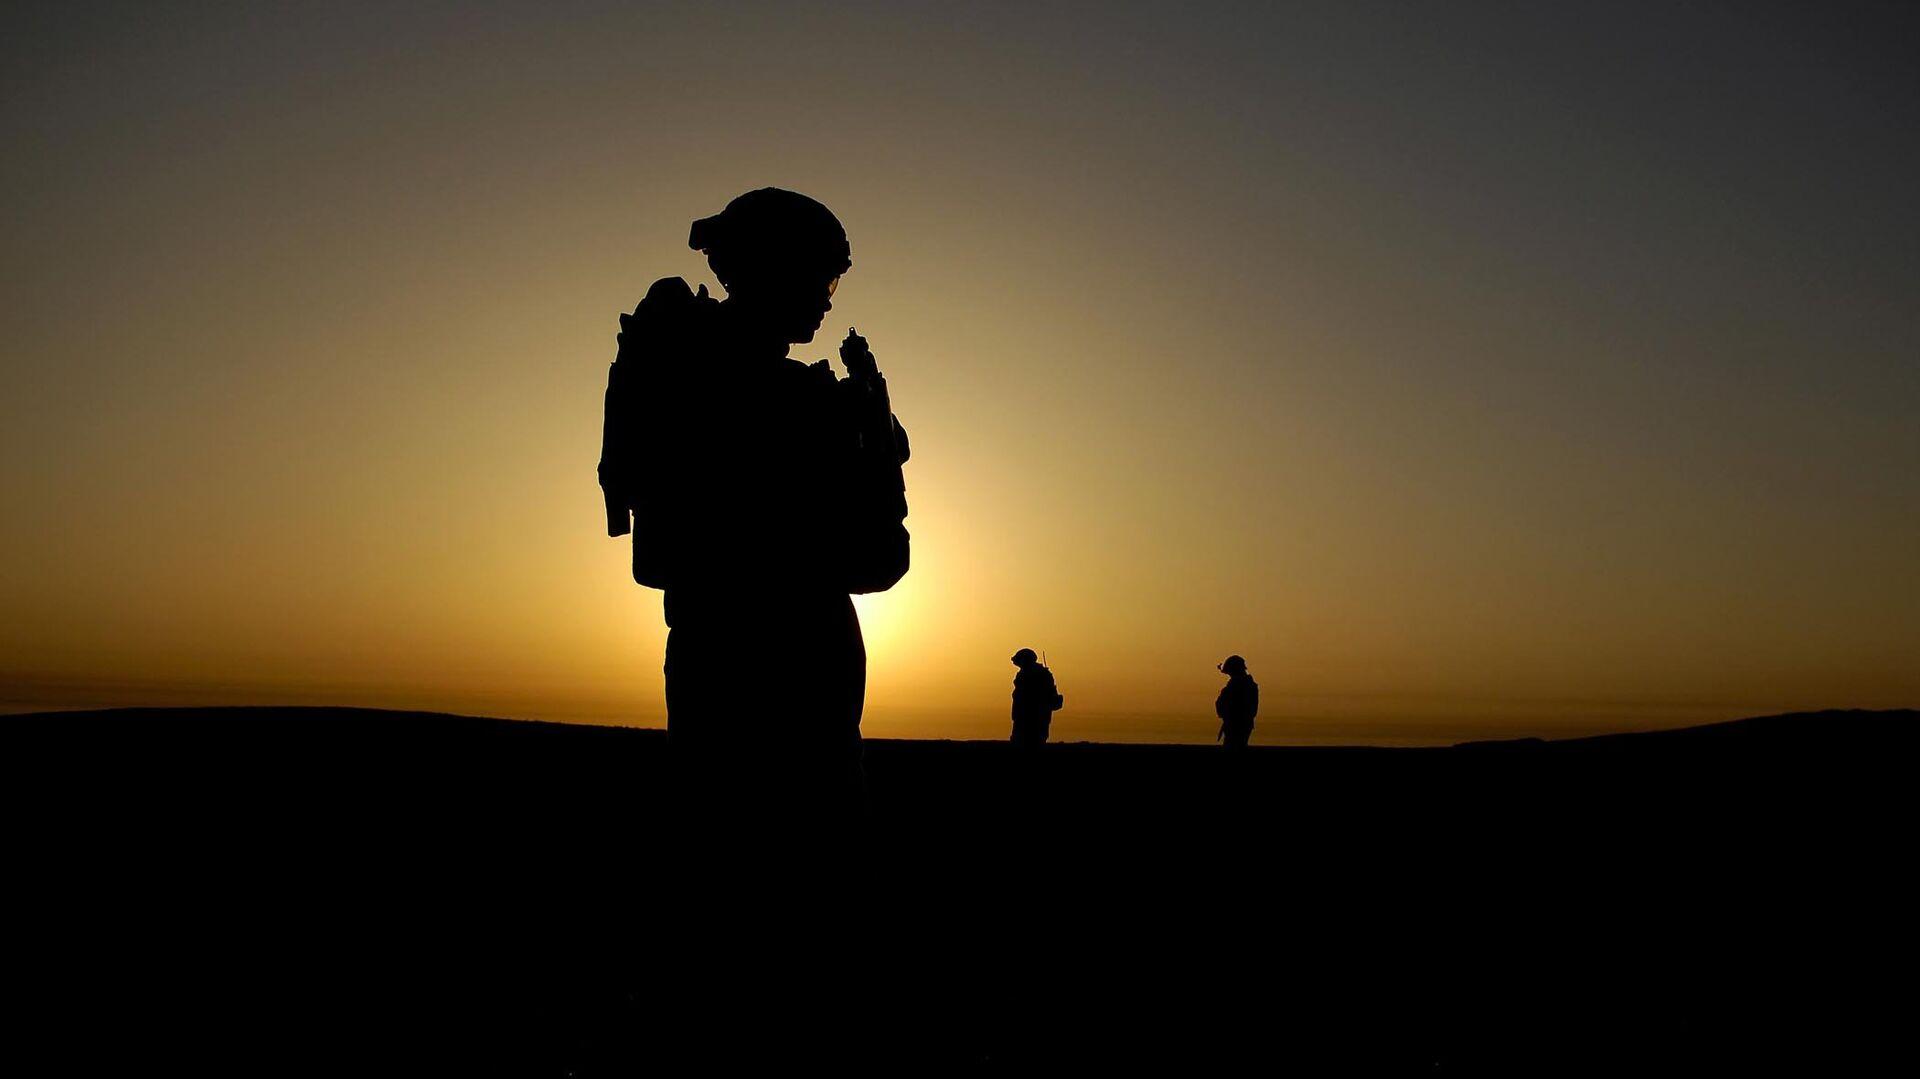 Soldado estadounidense en Irak - Sputnik Mundo, 1920, 27.02.2021